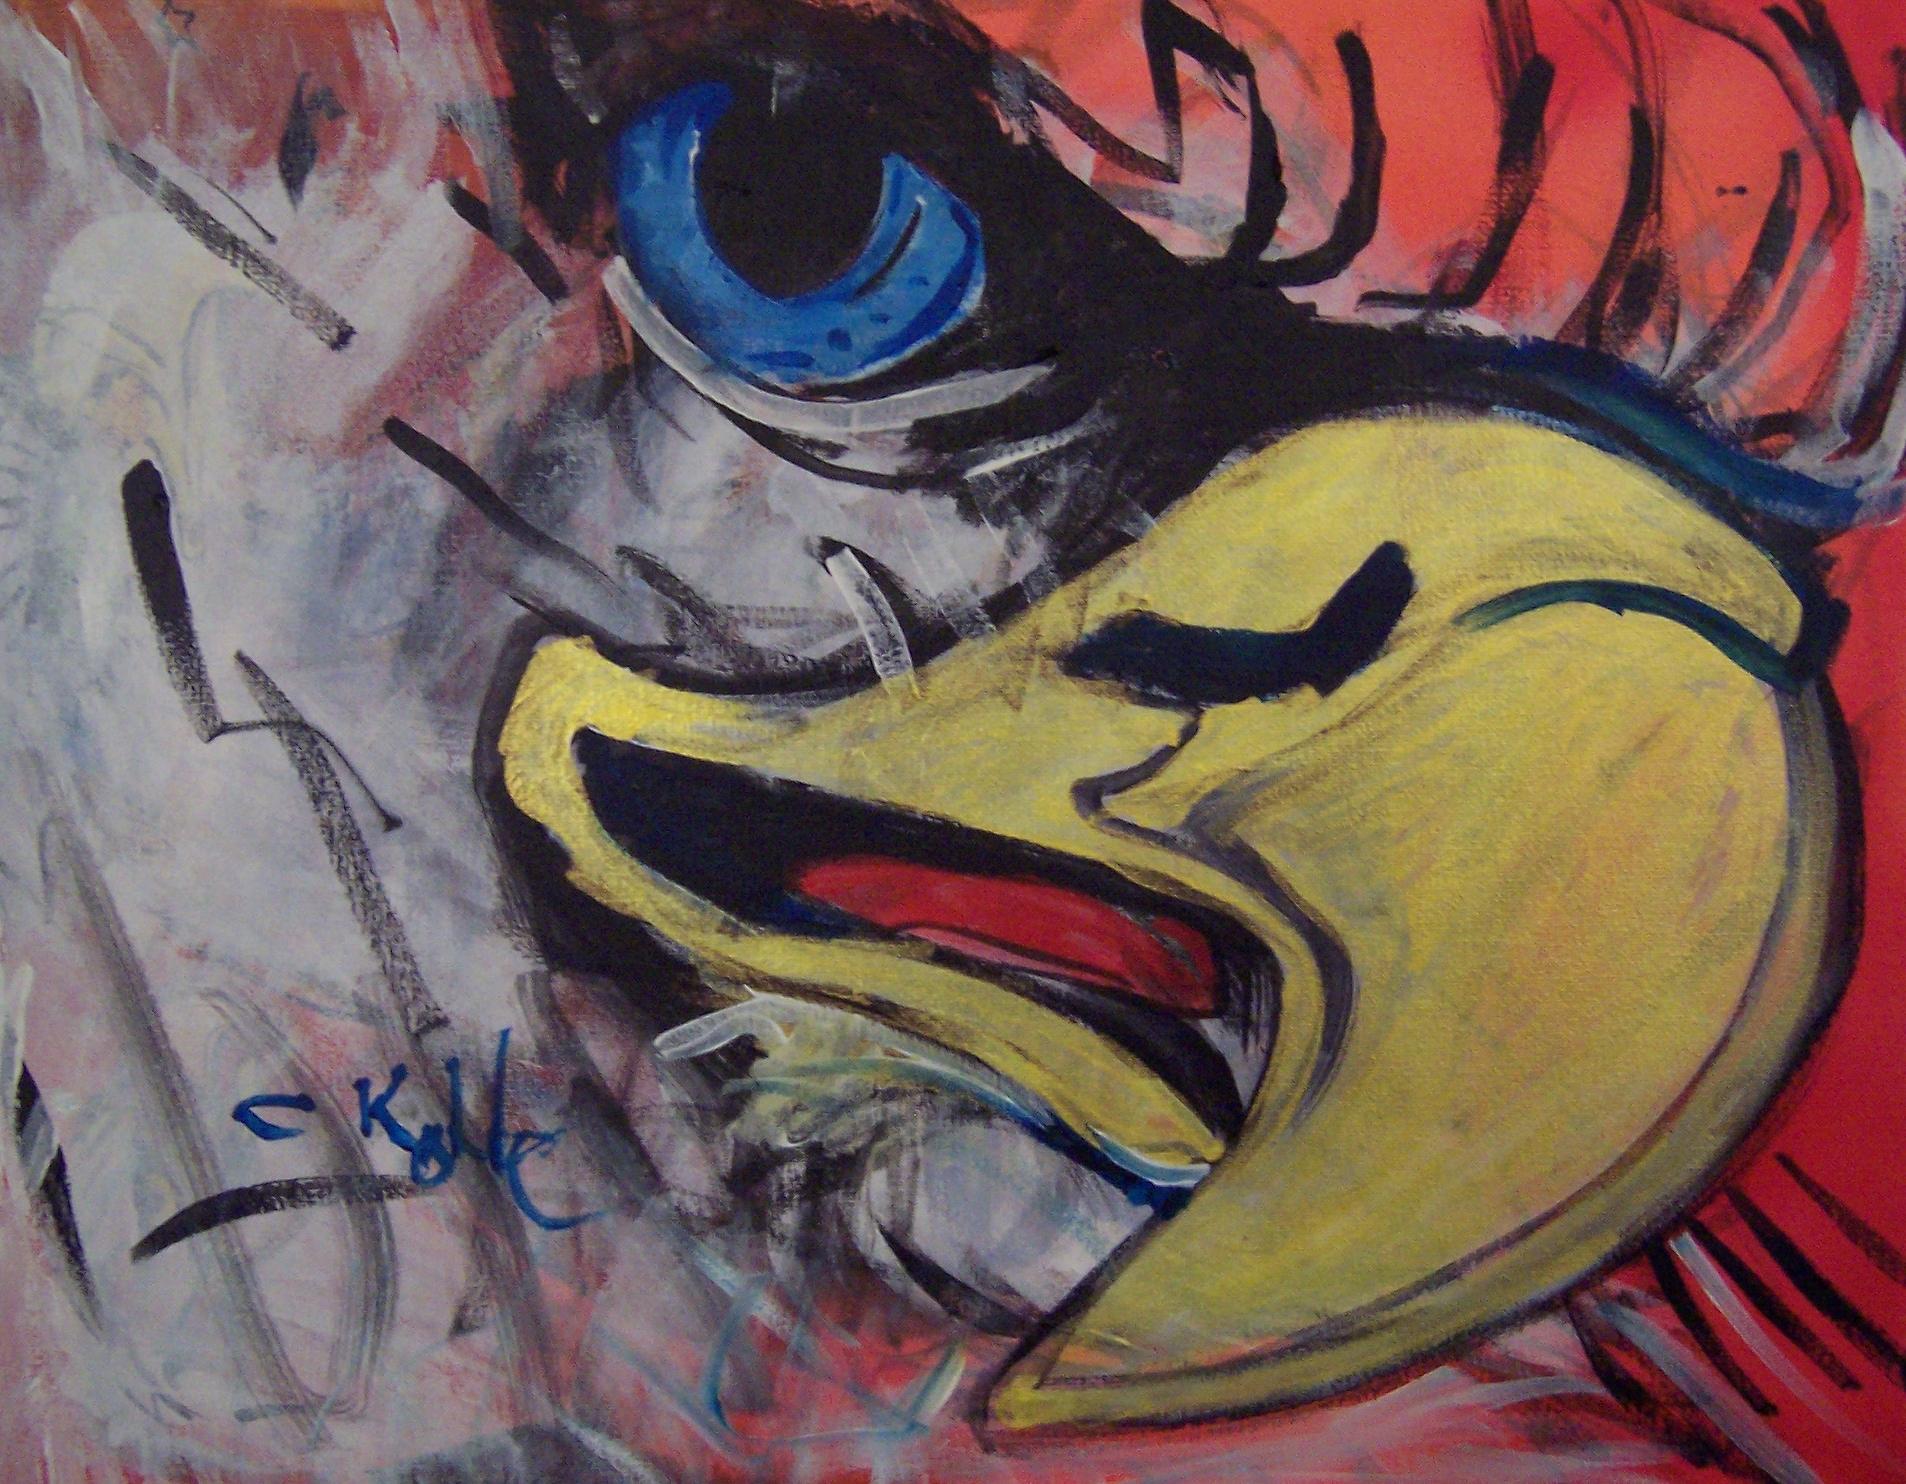 Eagle eye 2003